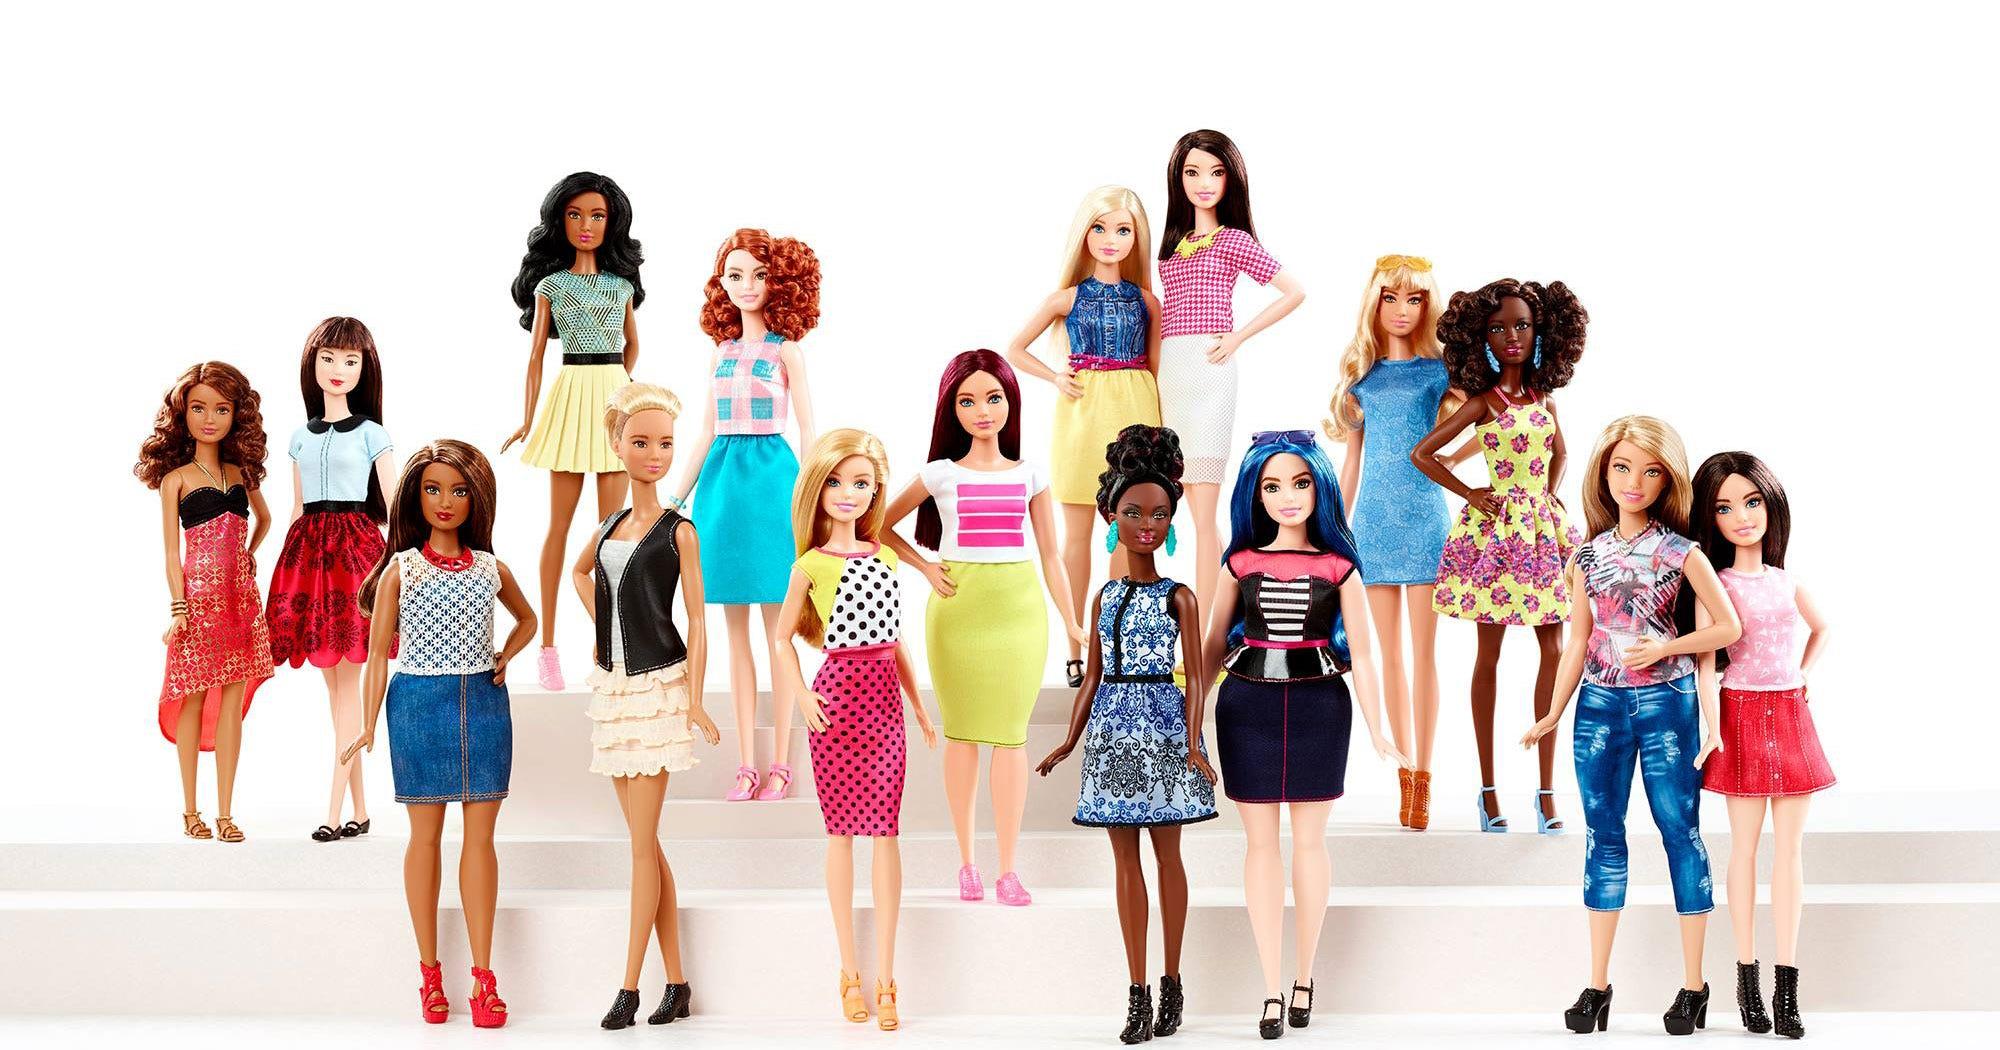 curvy barbie backlash body positivity dolls